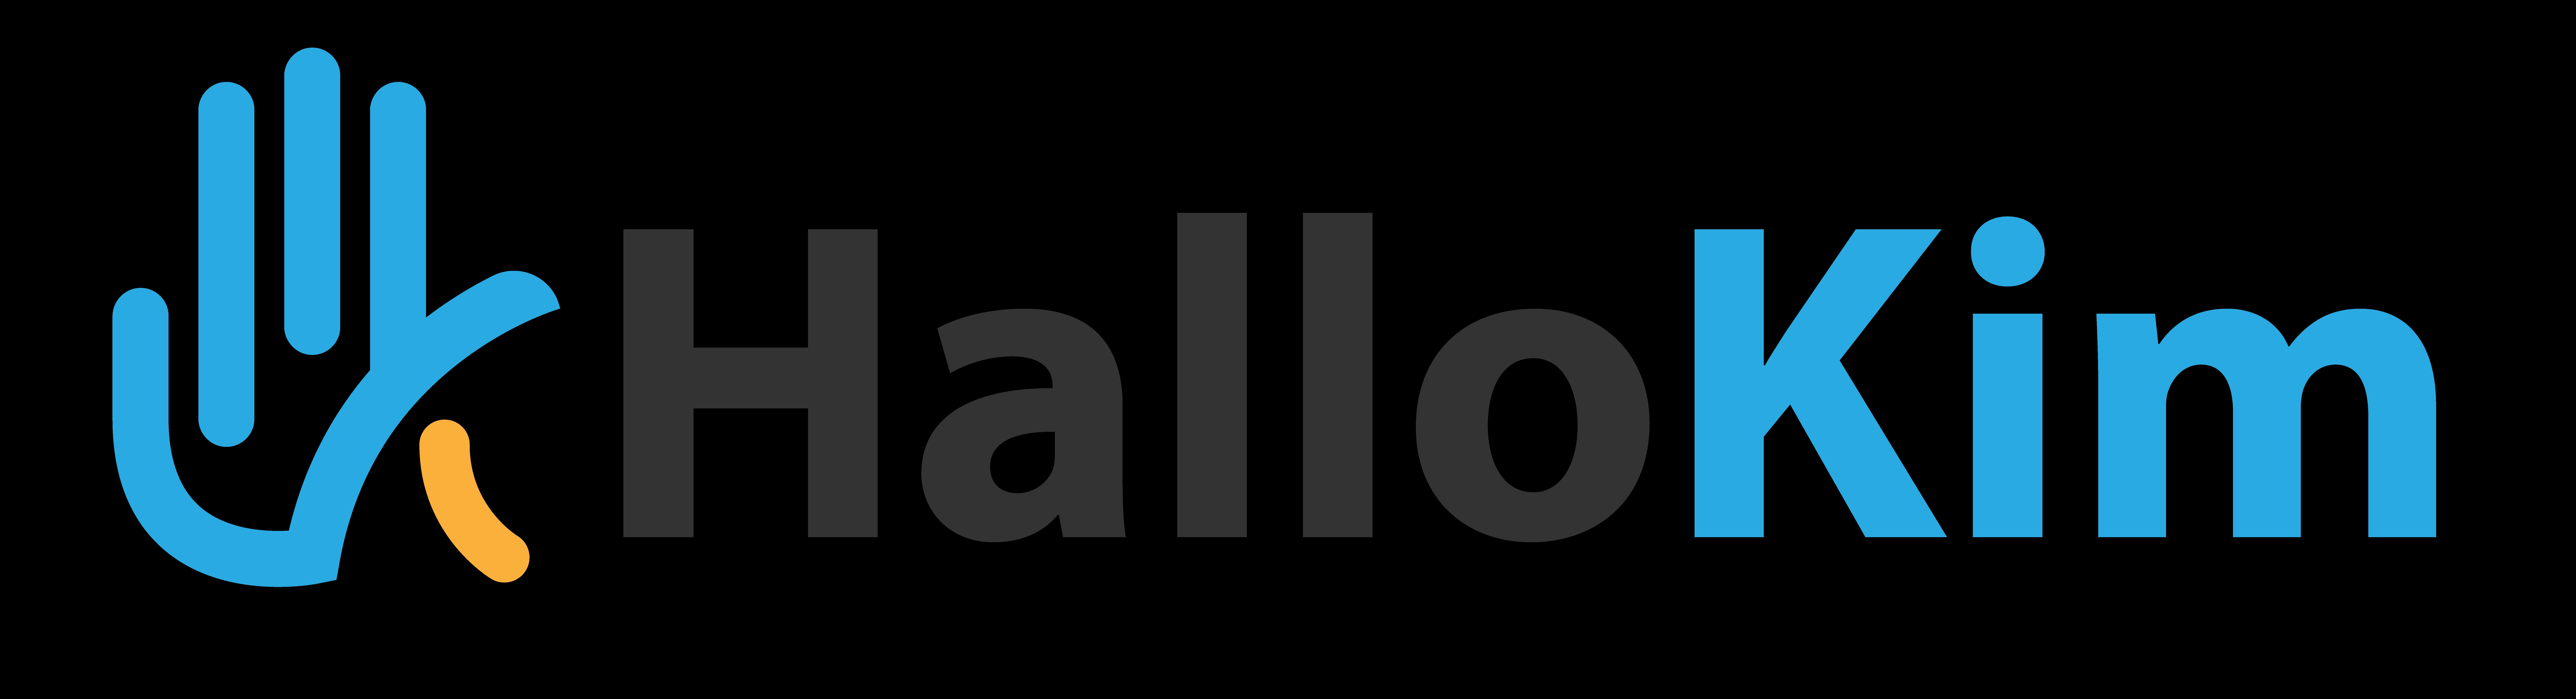 Hallokim.com | Jasa Tulis Artikel SEO Murah Partner UKM & Start Up